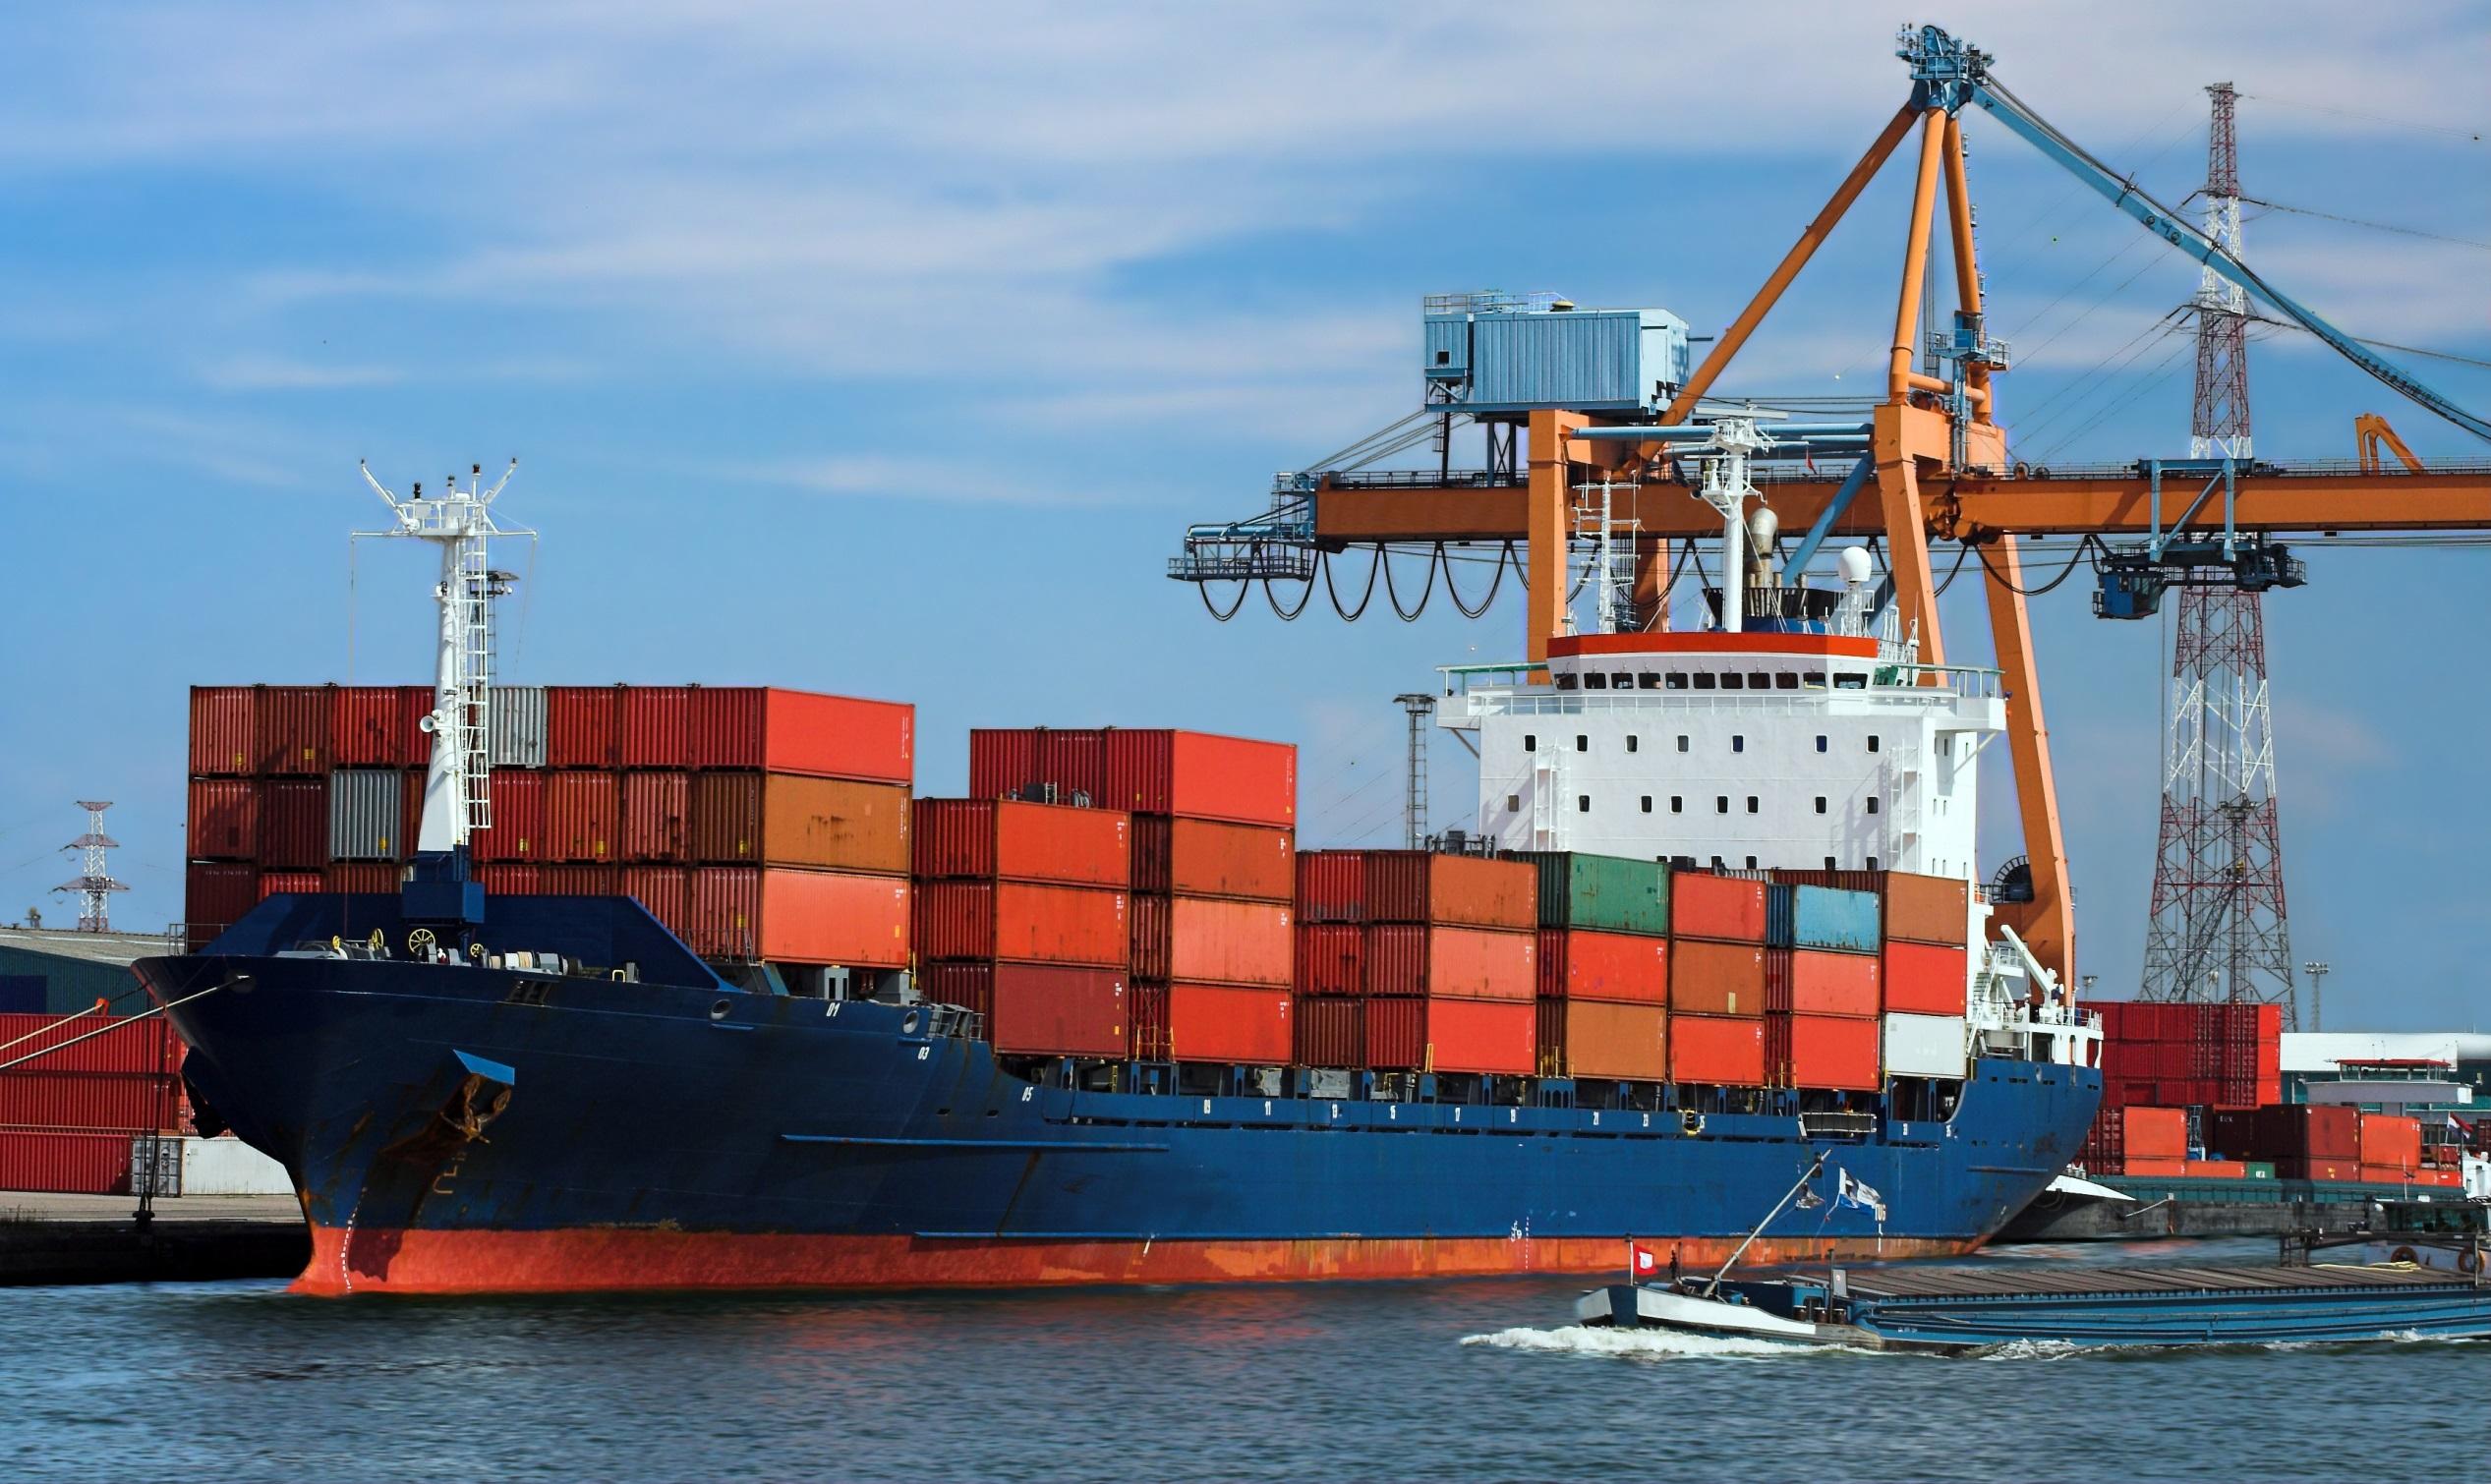 Küresel büyüme, ticaret hacmi ve taşımacılık pandemi öncesinde gerilemeye başladı!..